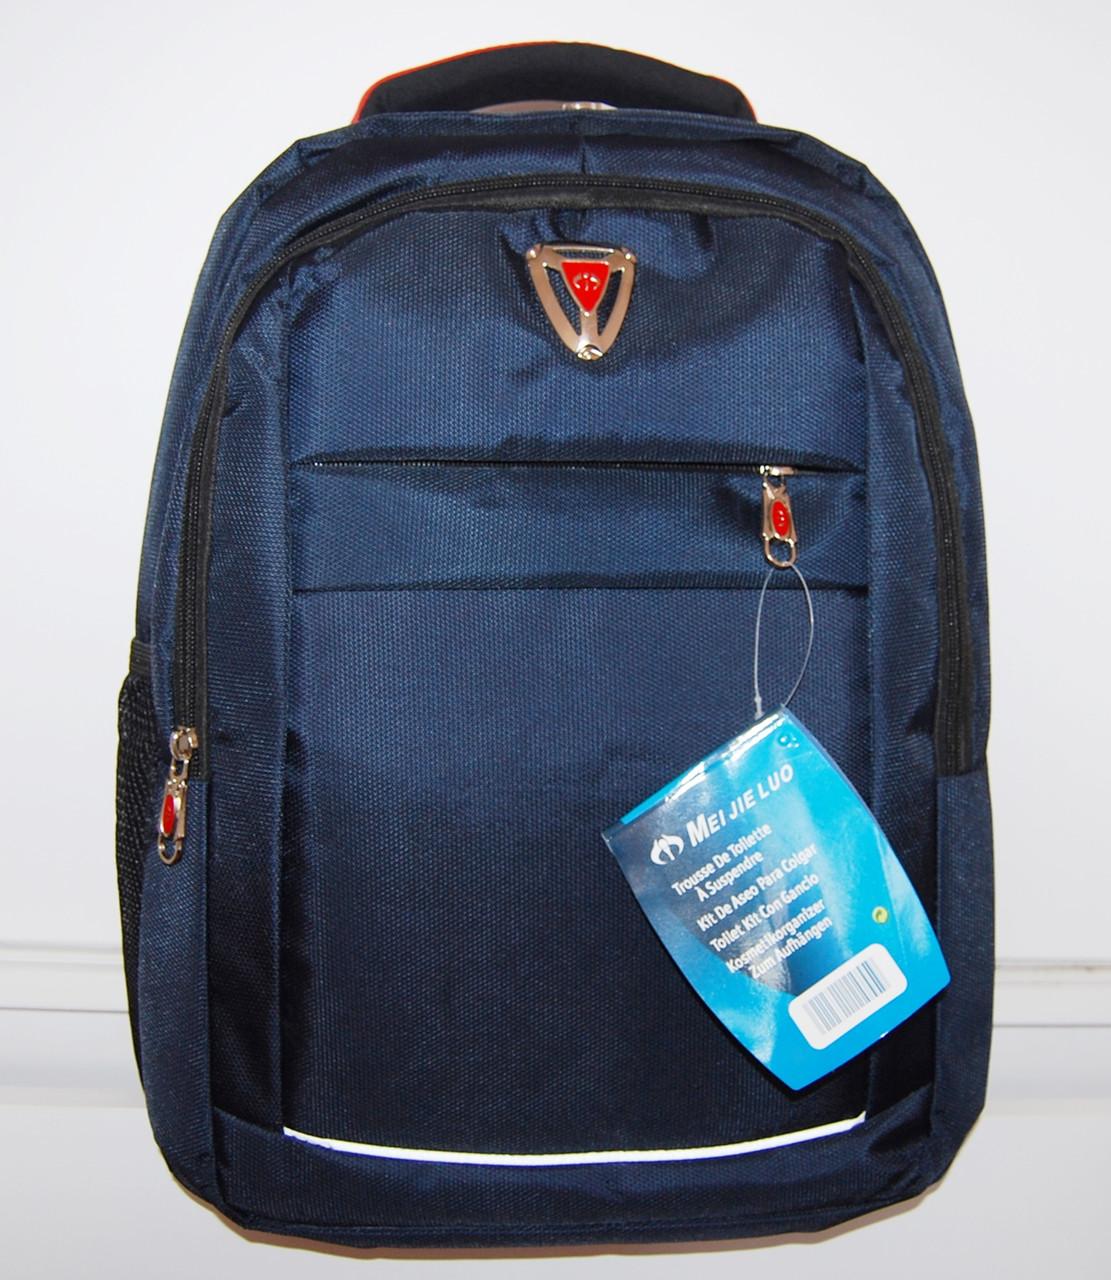 9502f47fdd76 Городской рюкзак. Стильный рюкзак. Молодёжный рюкзак. Интернет магазин  рюкзаков